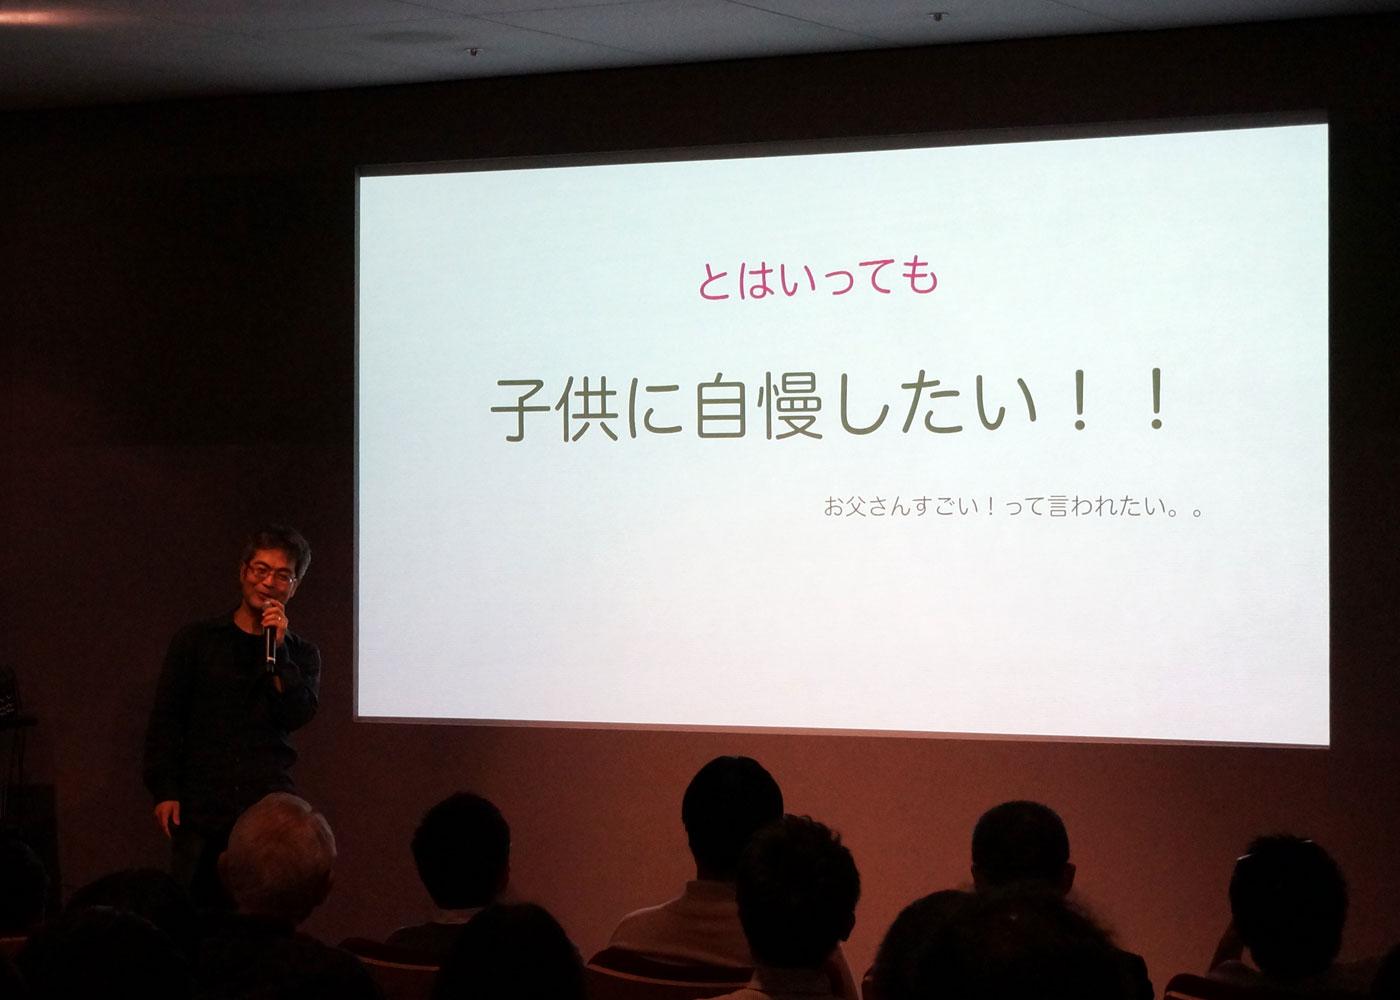 アプリ道場演武会・アシスタントの田中さんの発表